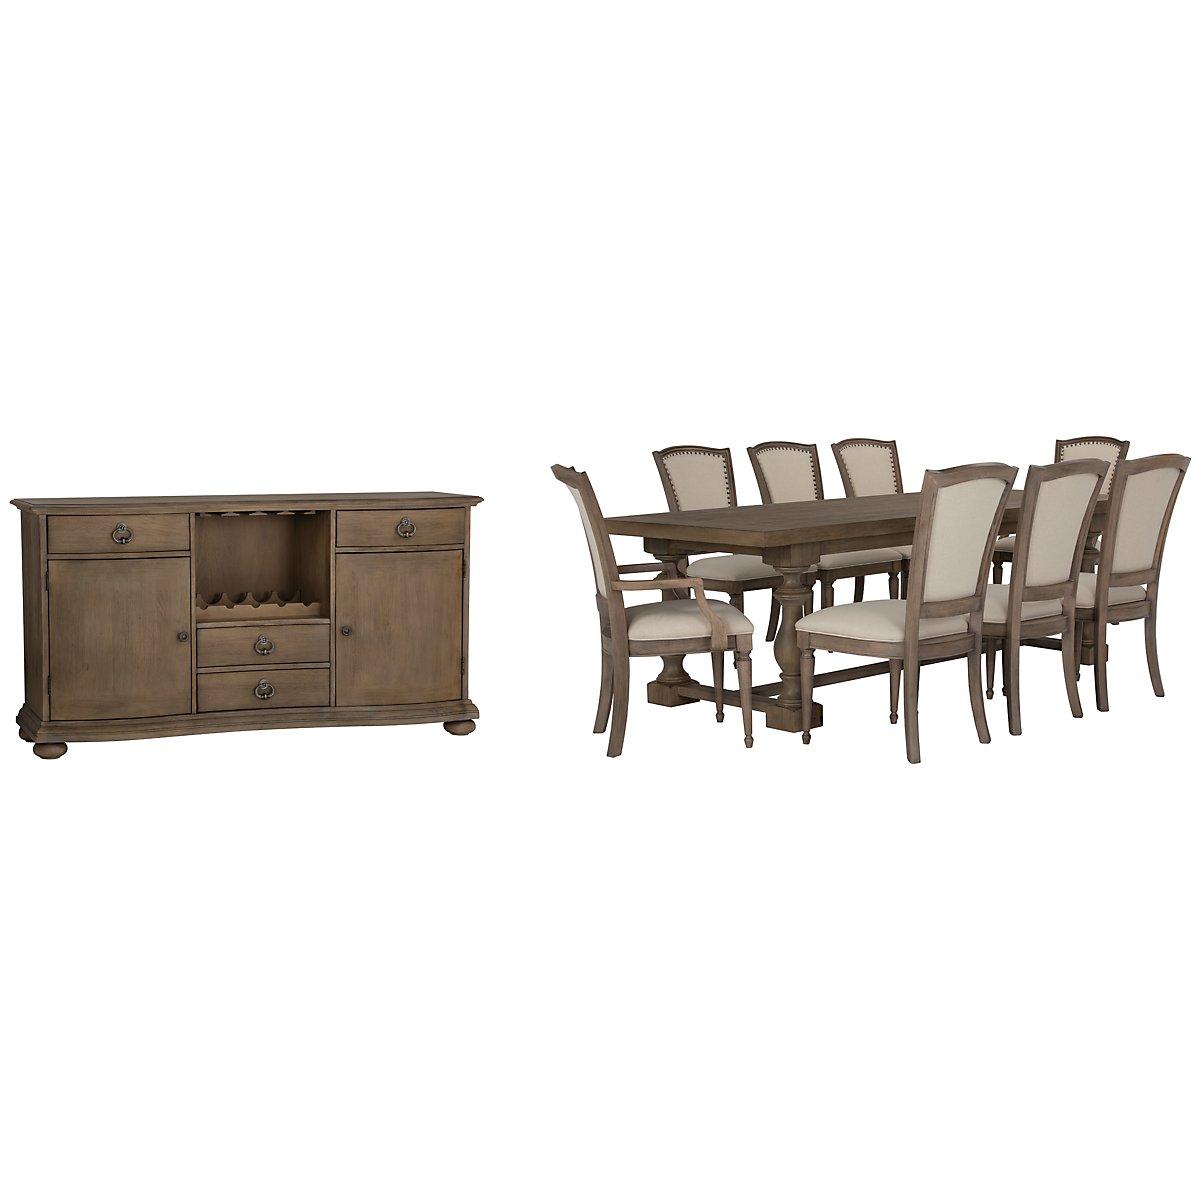 Haddie Light Tone Wood Trestle Dining Room